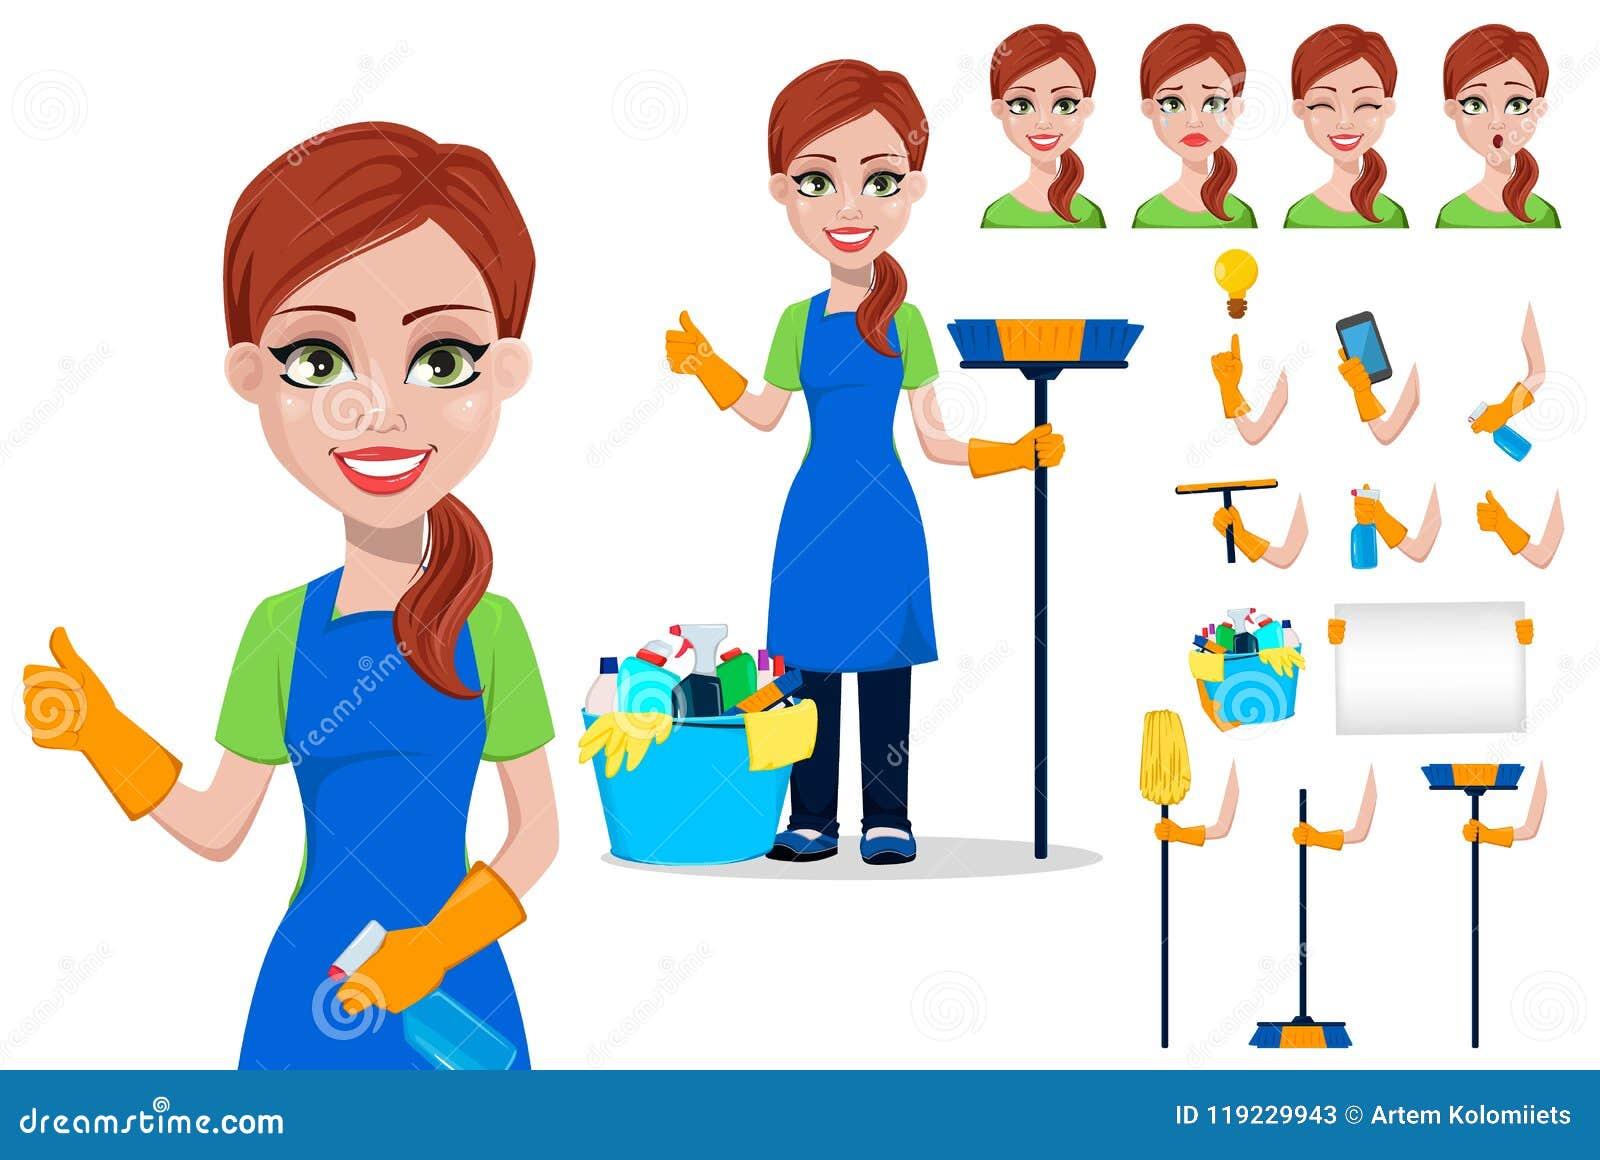 Pessoal da empresa da limpeza no uniforme